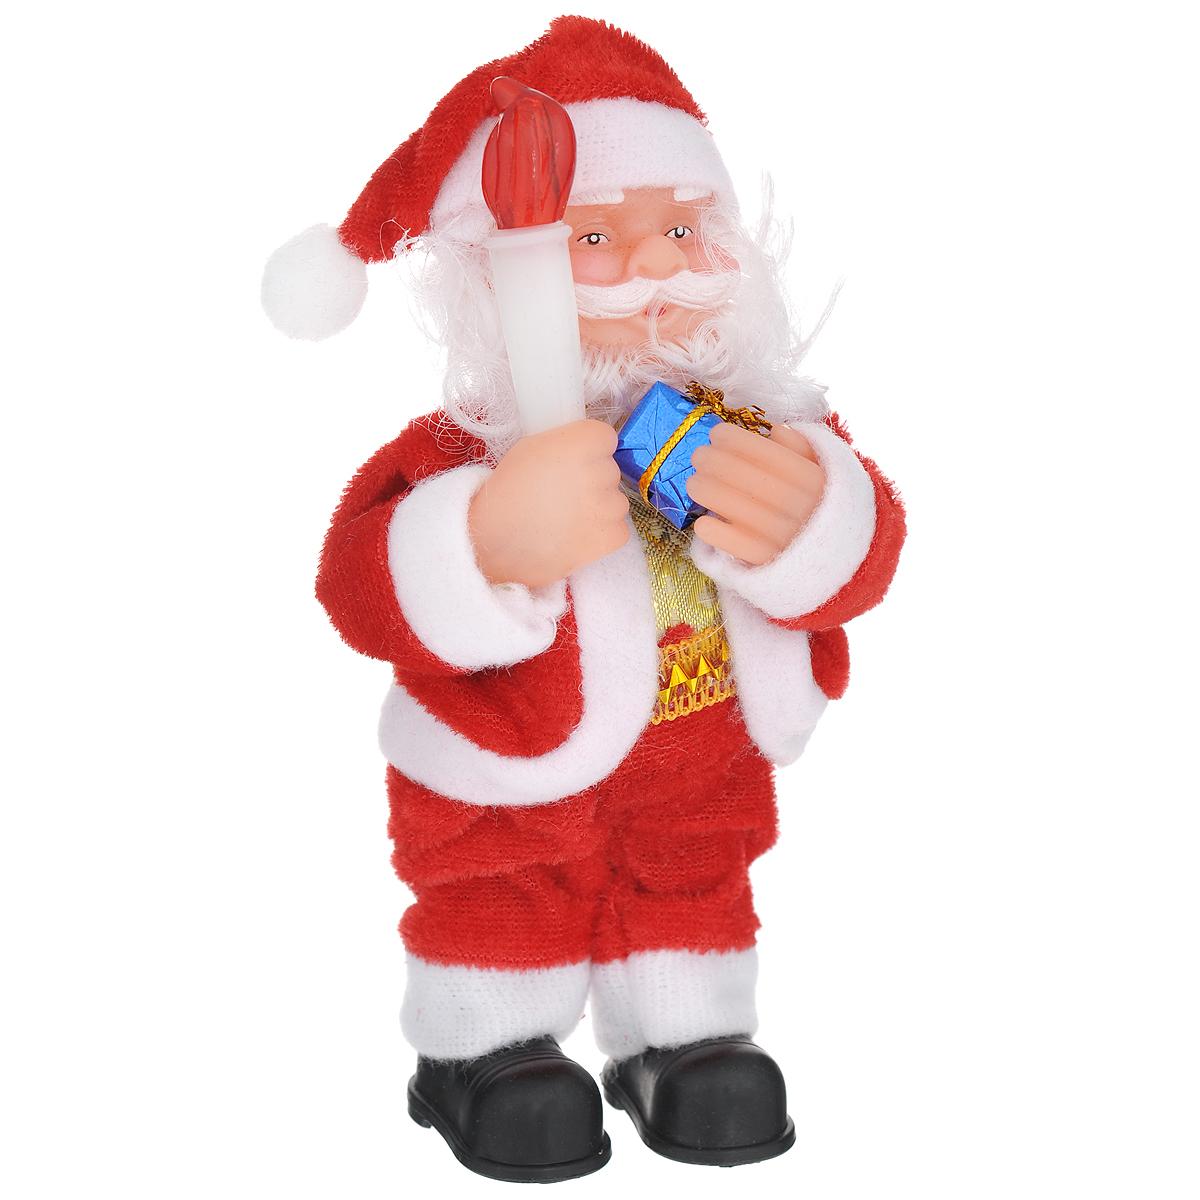 Новогодняя декоративная фигурка Sima-land Дед Мороз, высота 16 см. 703369703369Новогодняя декоративная фигурка выполнена из высококачественного пластика в виде Деда Мороза. Дед Мороз одет в шубу с опушкой. На голове колпак в цвет шубы. В одной руке Дед Мороз держит подарок, а в другой - свечку. Его добрый вид и очаровательная улыбка притягивают к себе восторженные взгляды. Декоративная фигурка Дед Мороз подойдет для оформления новогоднего интерьера и принесет с собой атмосферу радости и веселья.